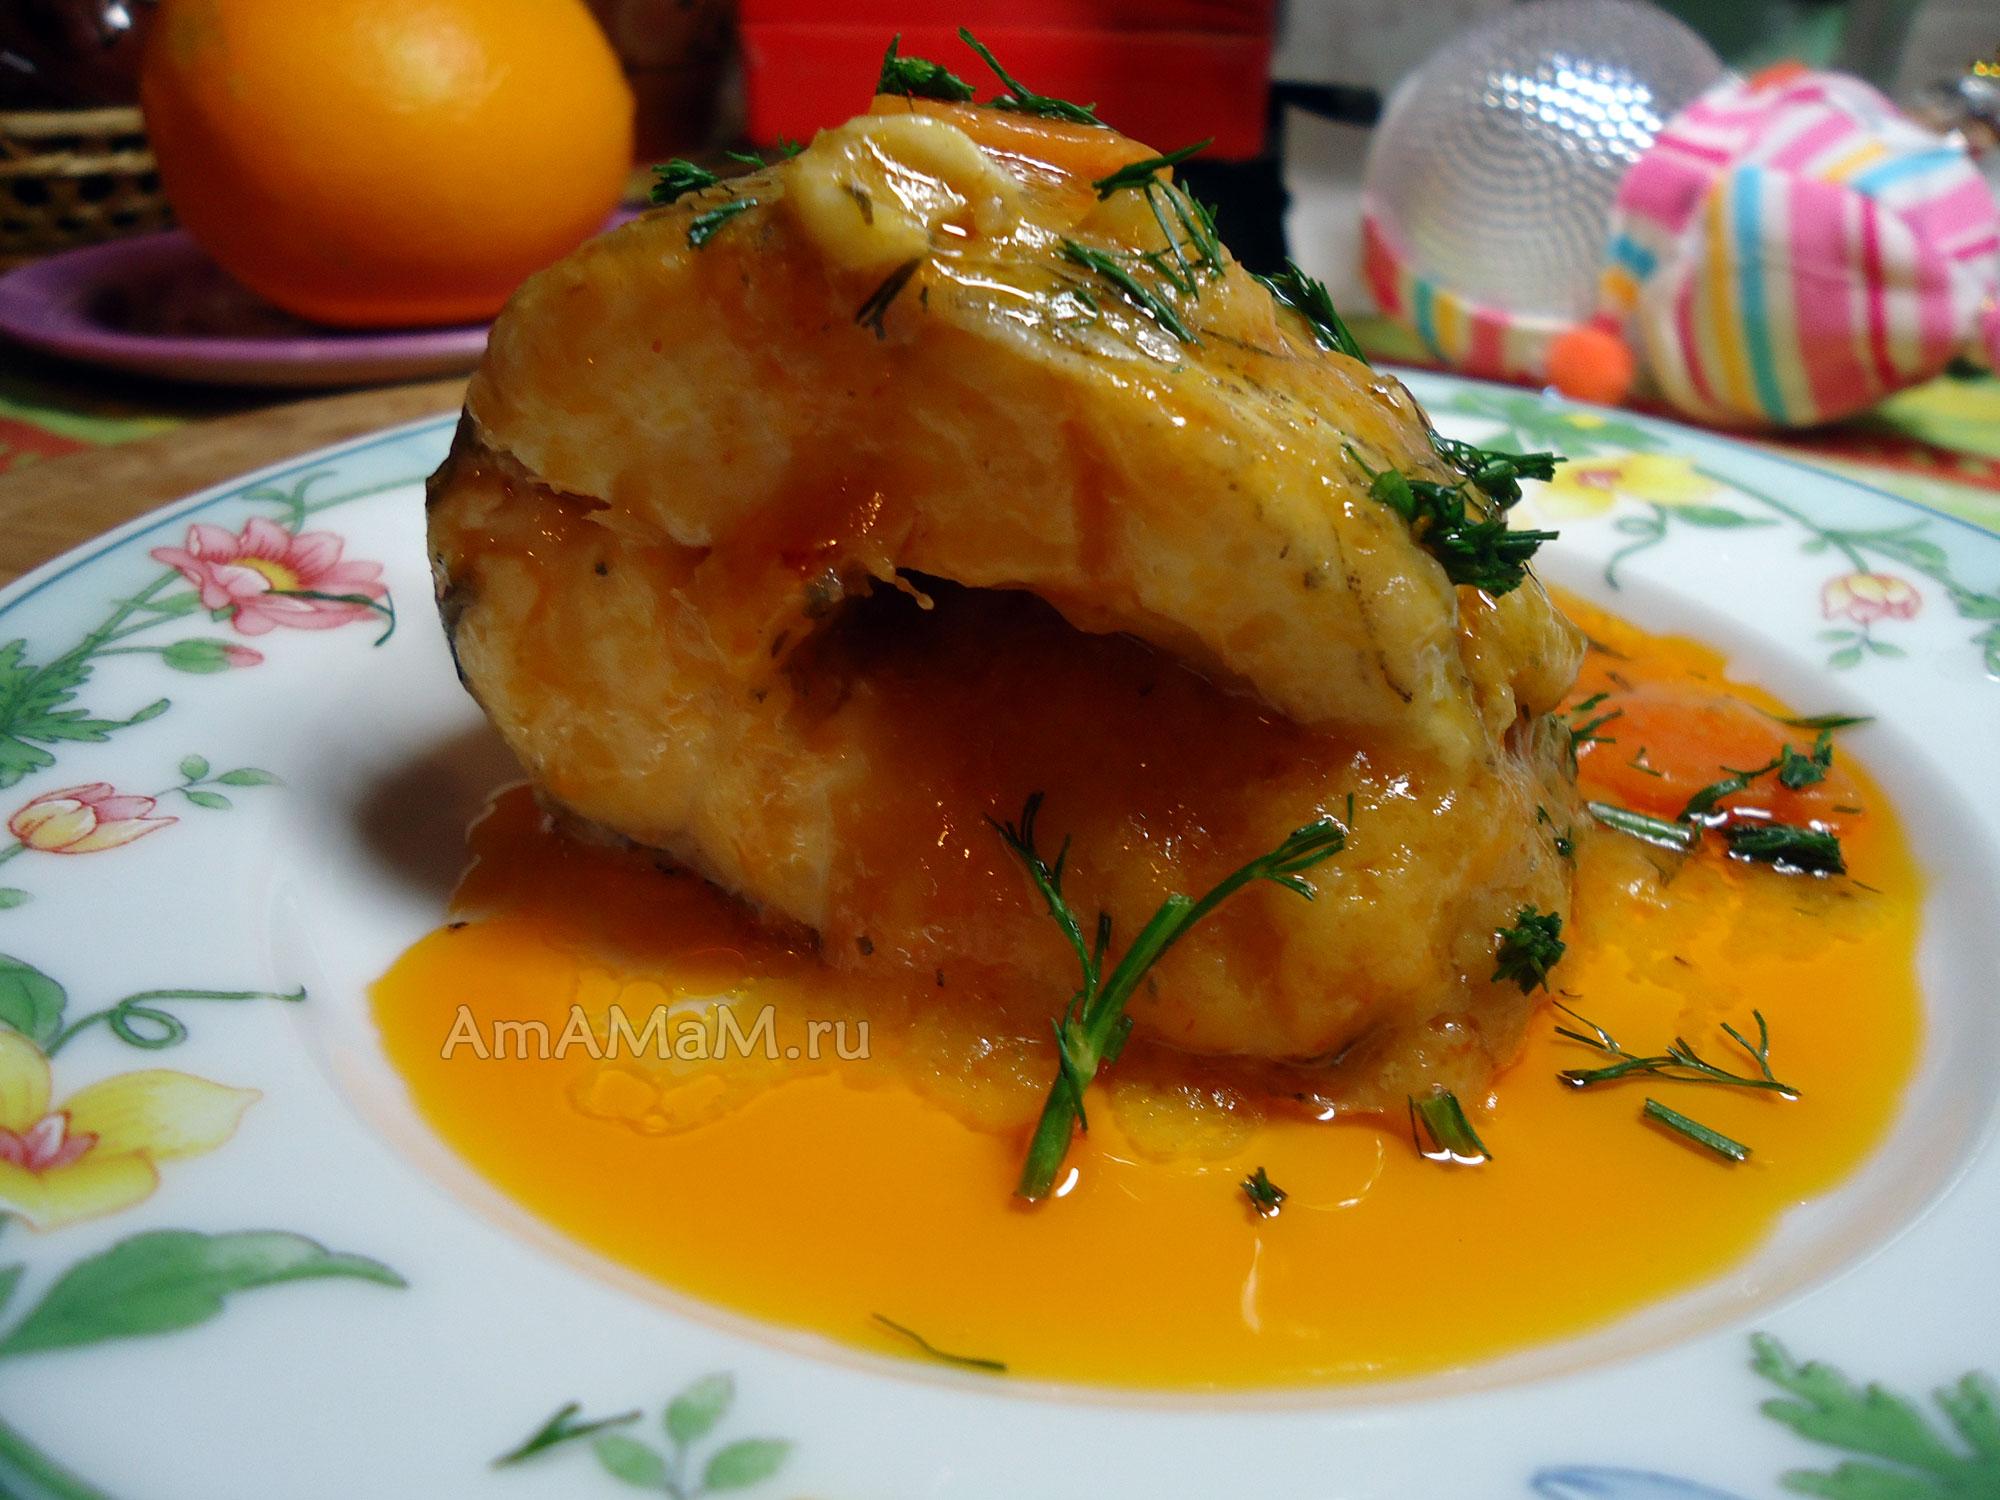 как приготовить рыбу аргентина рецепт